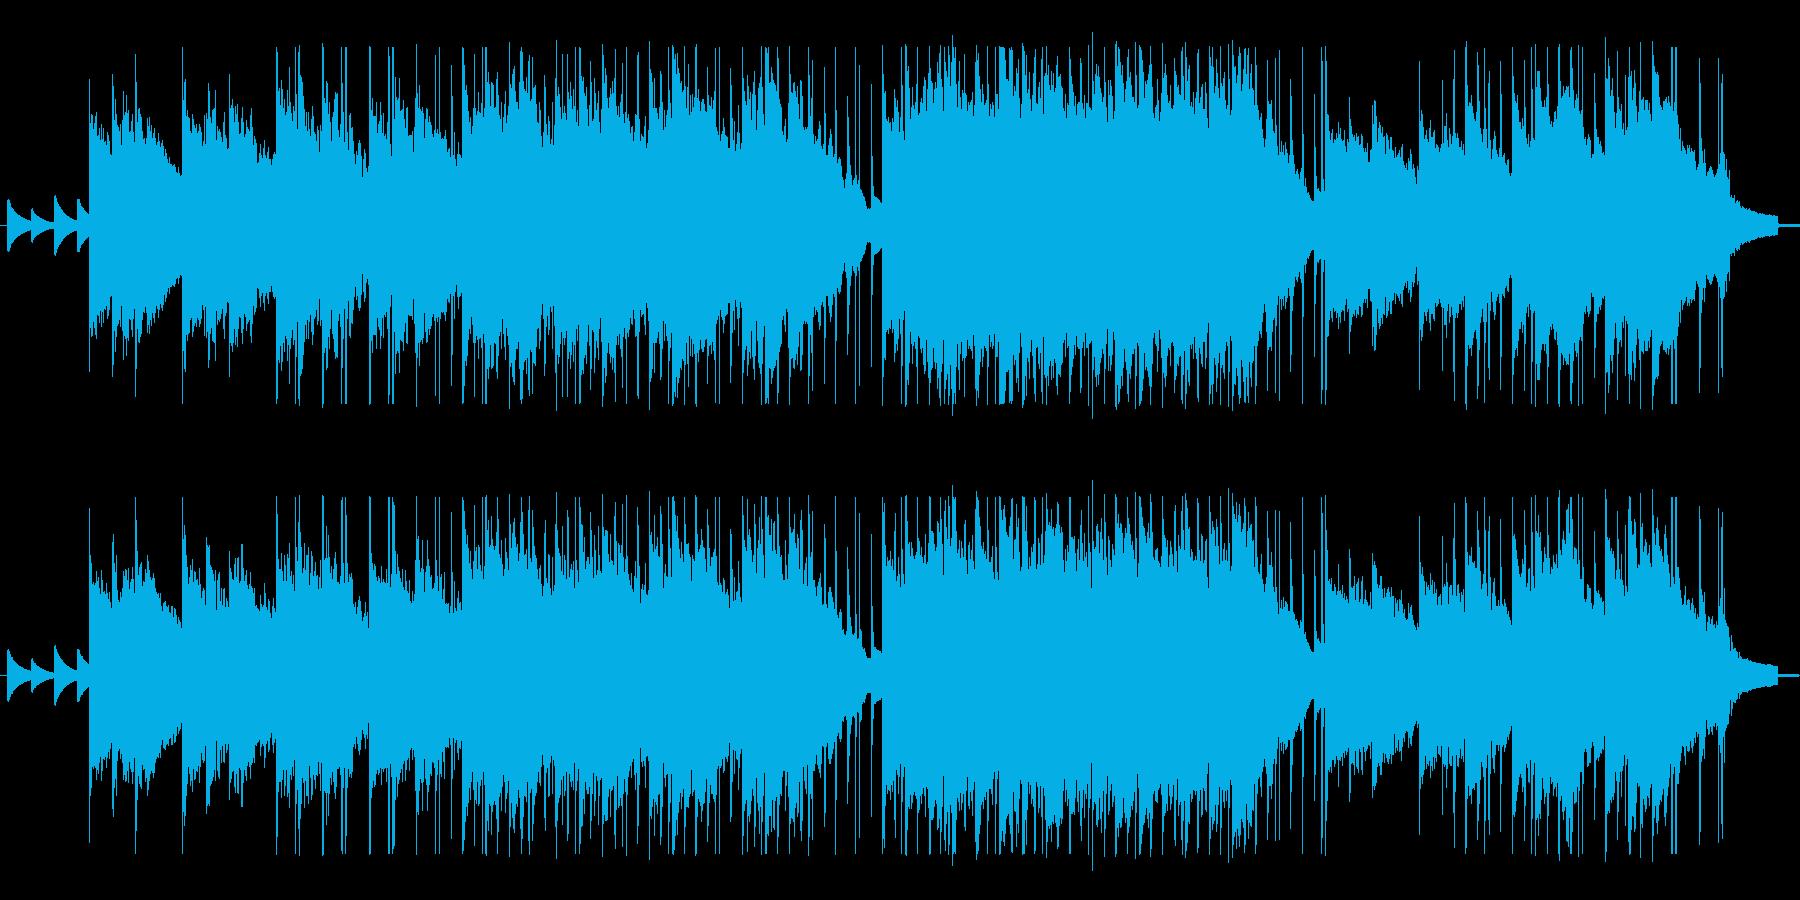 バラード系のエレクトリックピアノBGMの再生済みの波形